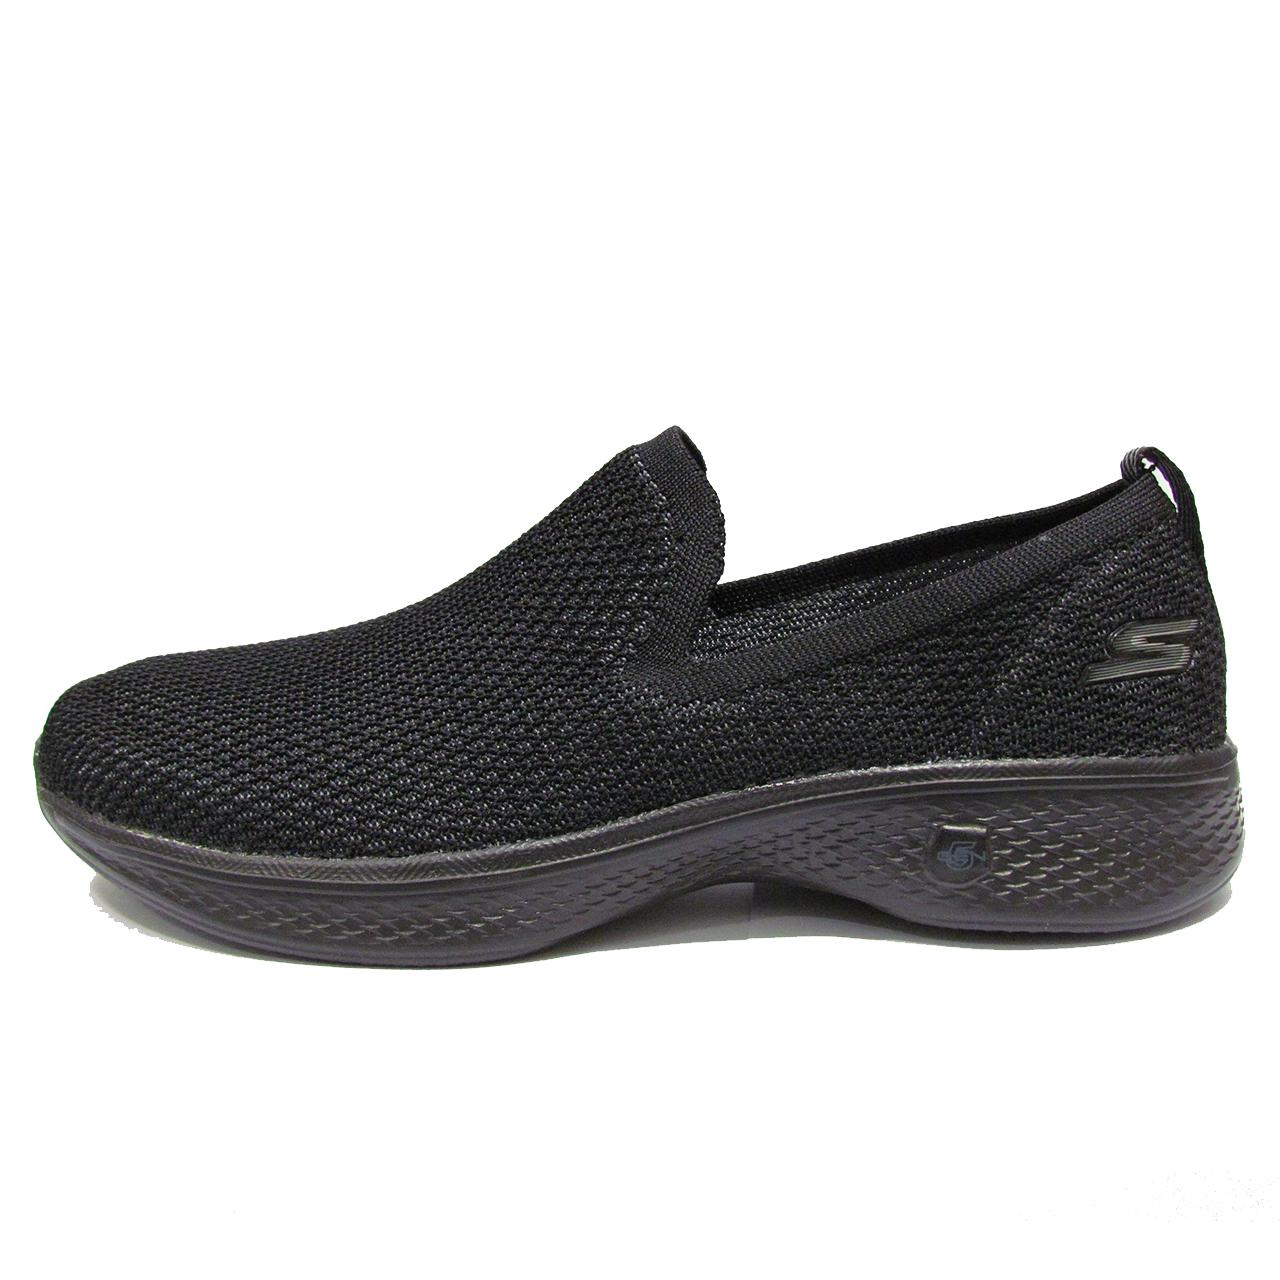 کفش مخصوص پیاده روی زنانه اسکچرز مدل MIRACLE 14939BBK